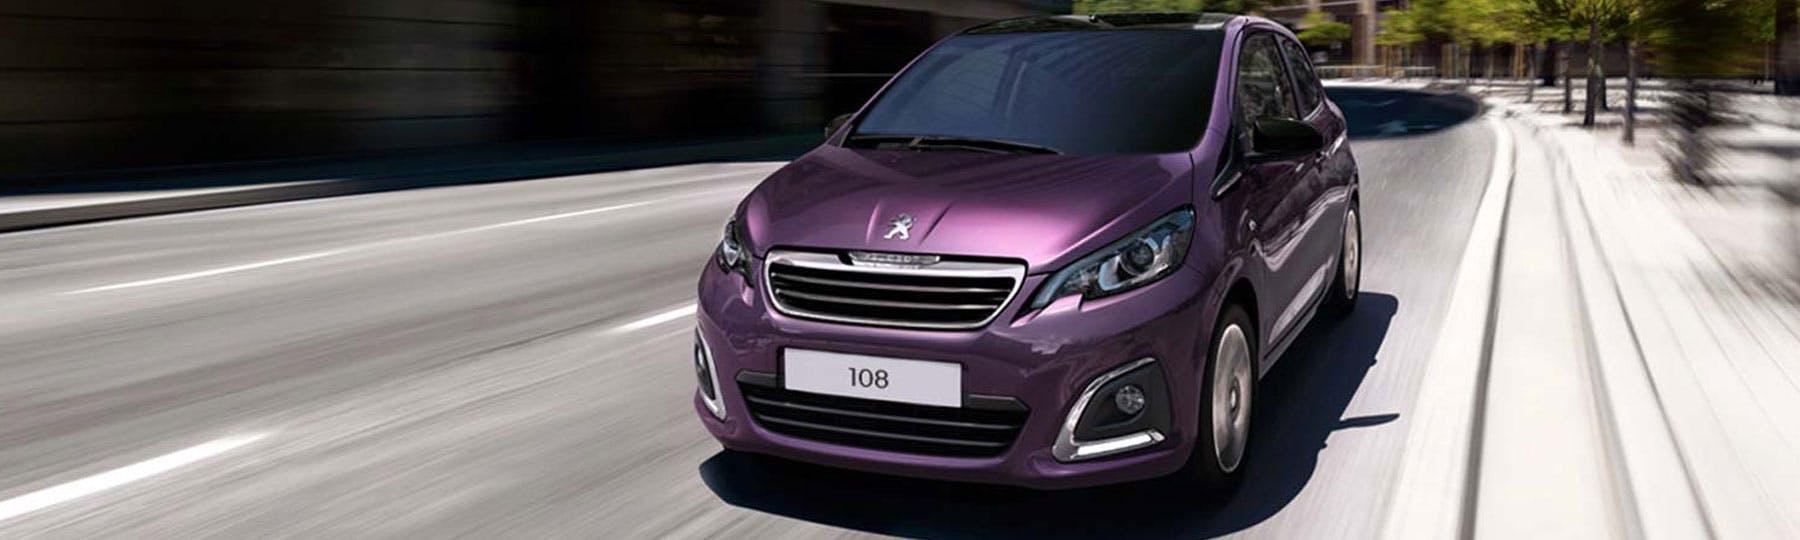 Peugeot 108 Motability